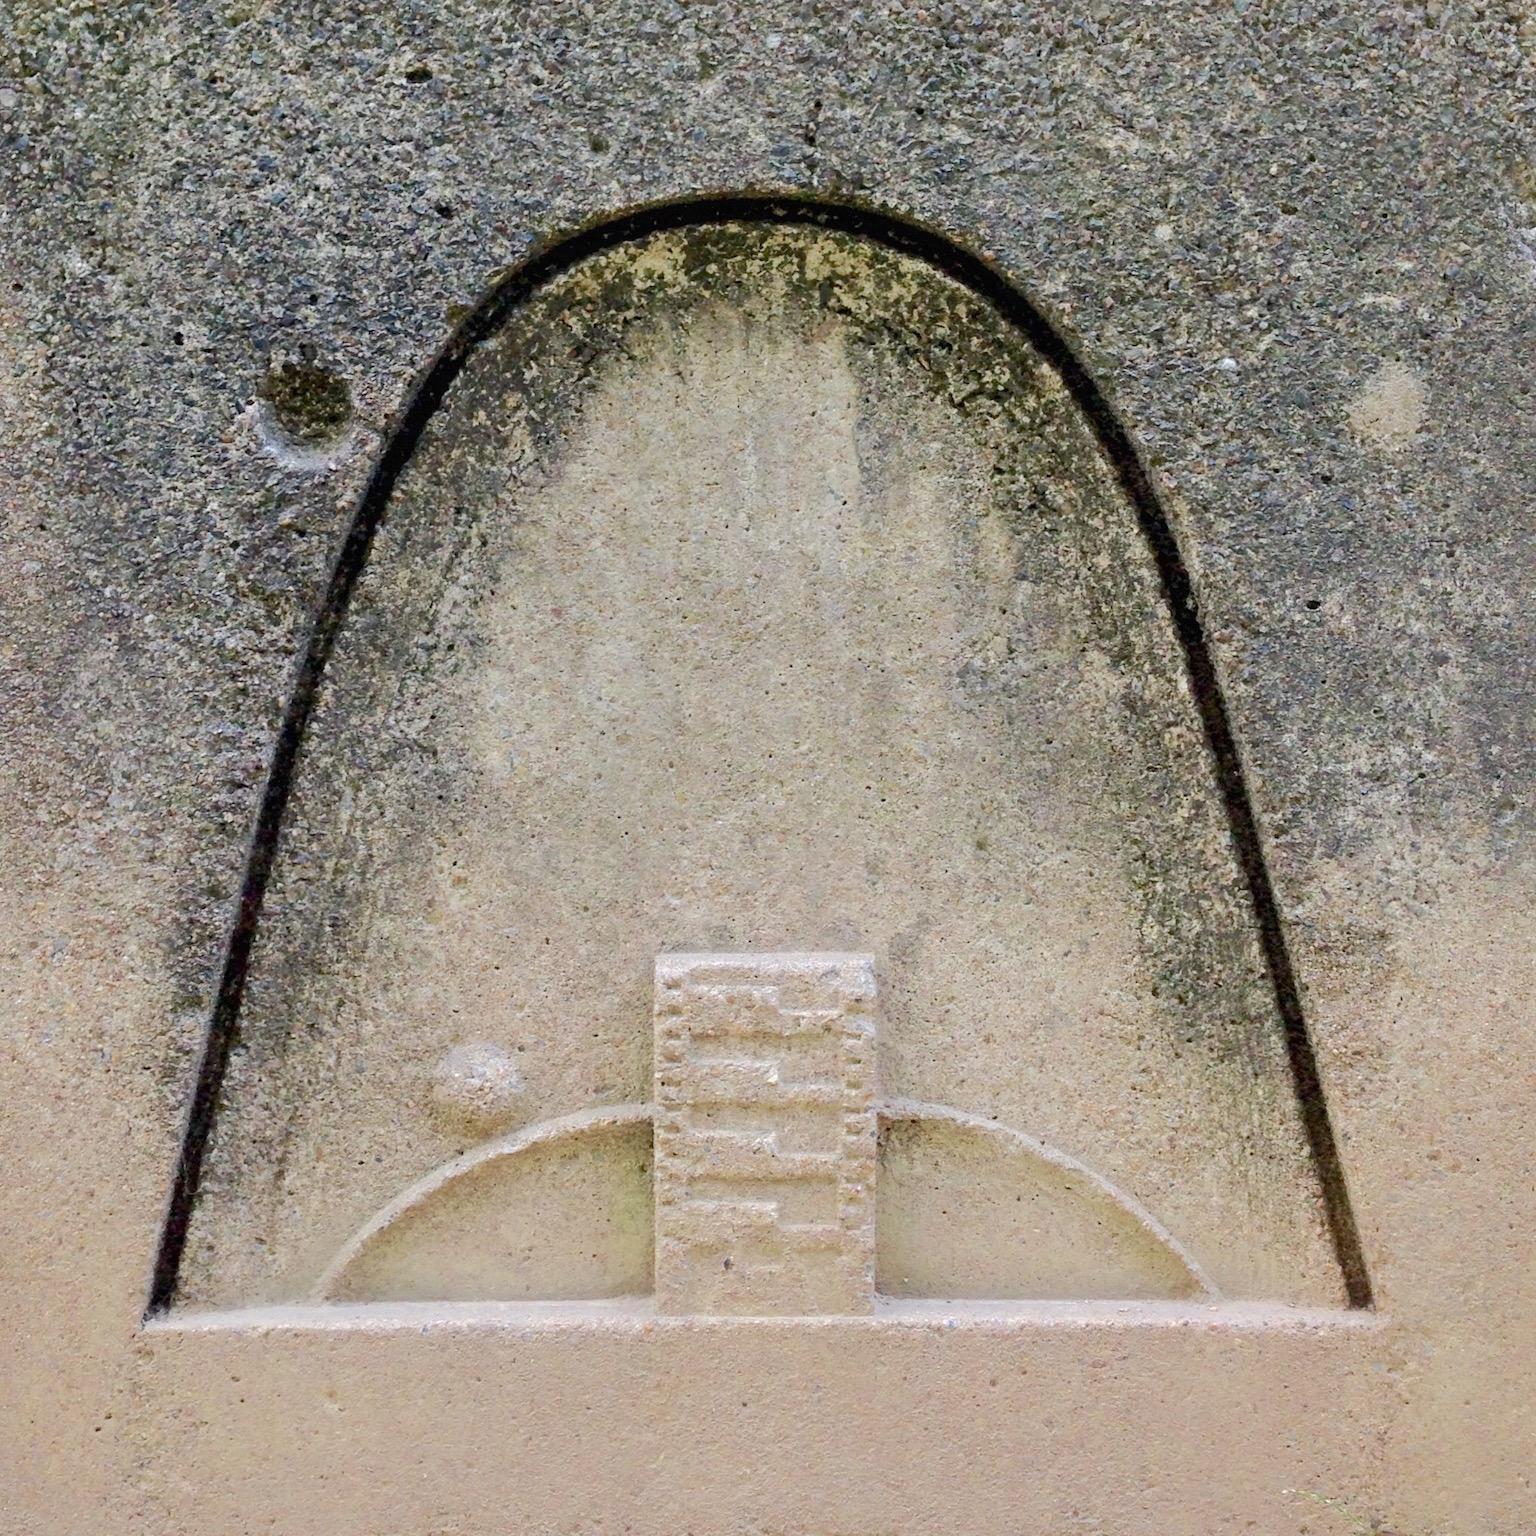 La première pierre posée. L'immeuble est gravé dessus, surmonté par le cycle du soleil.